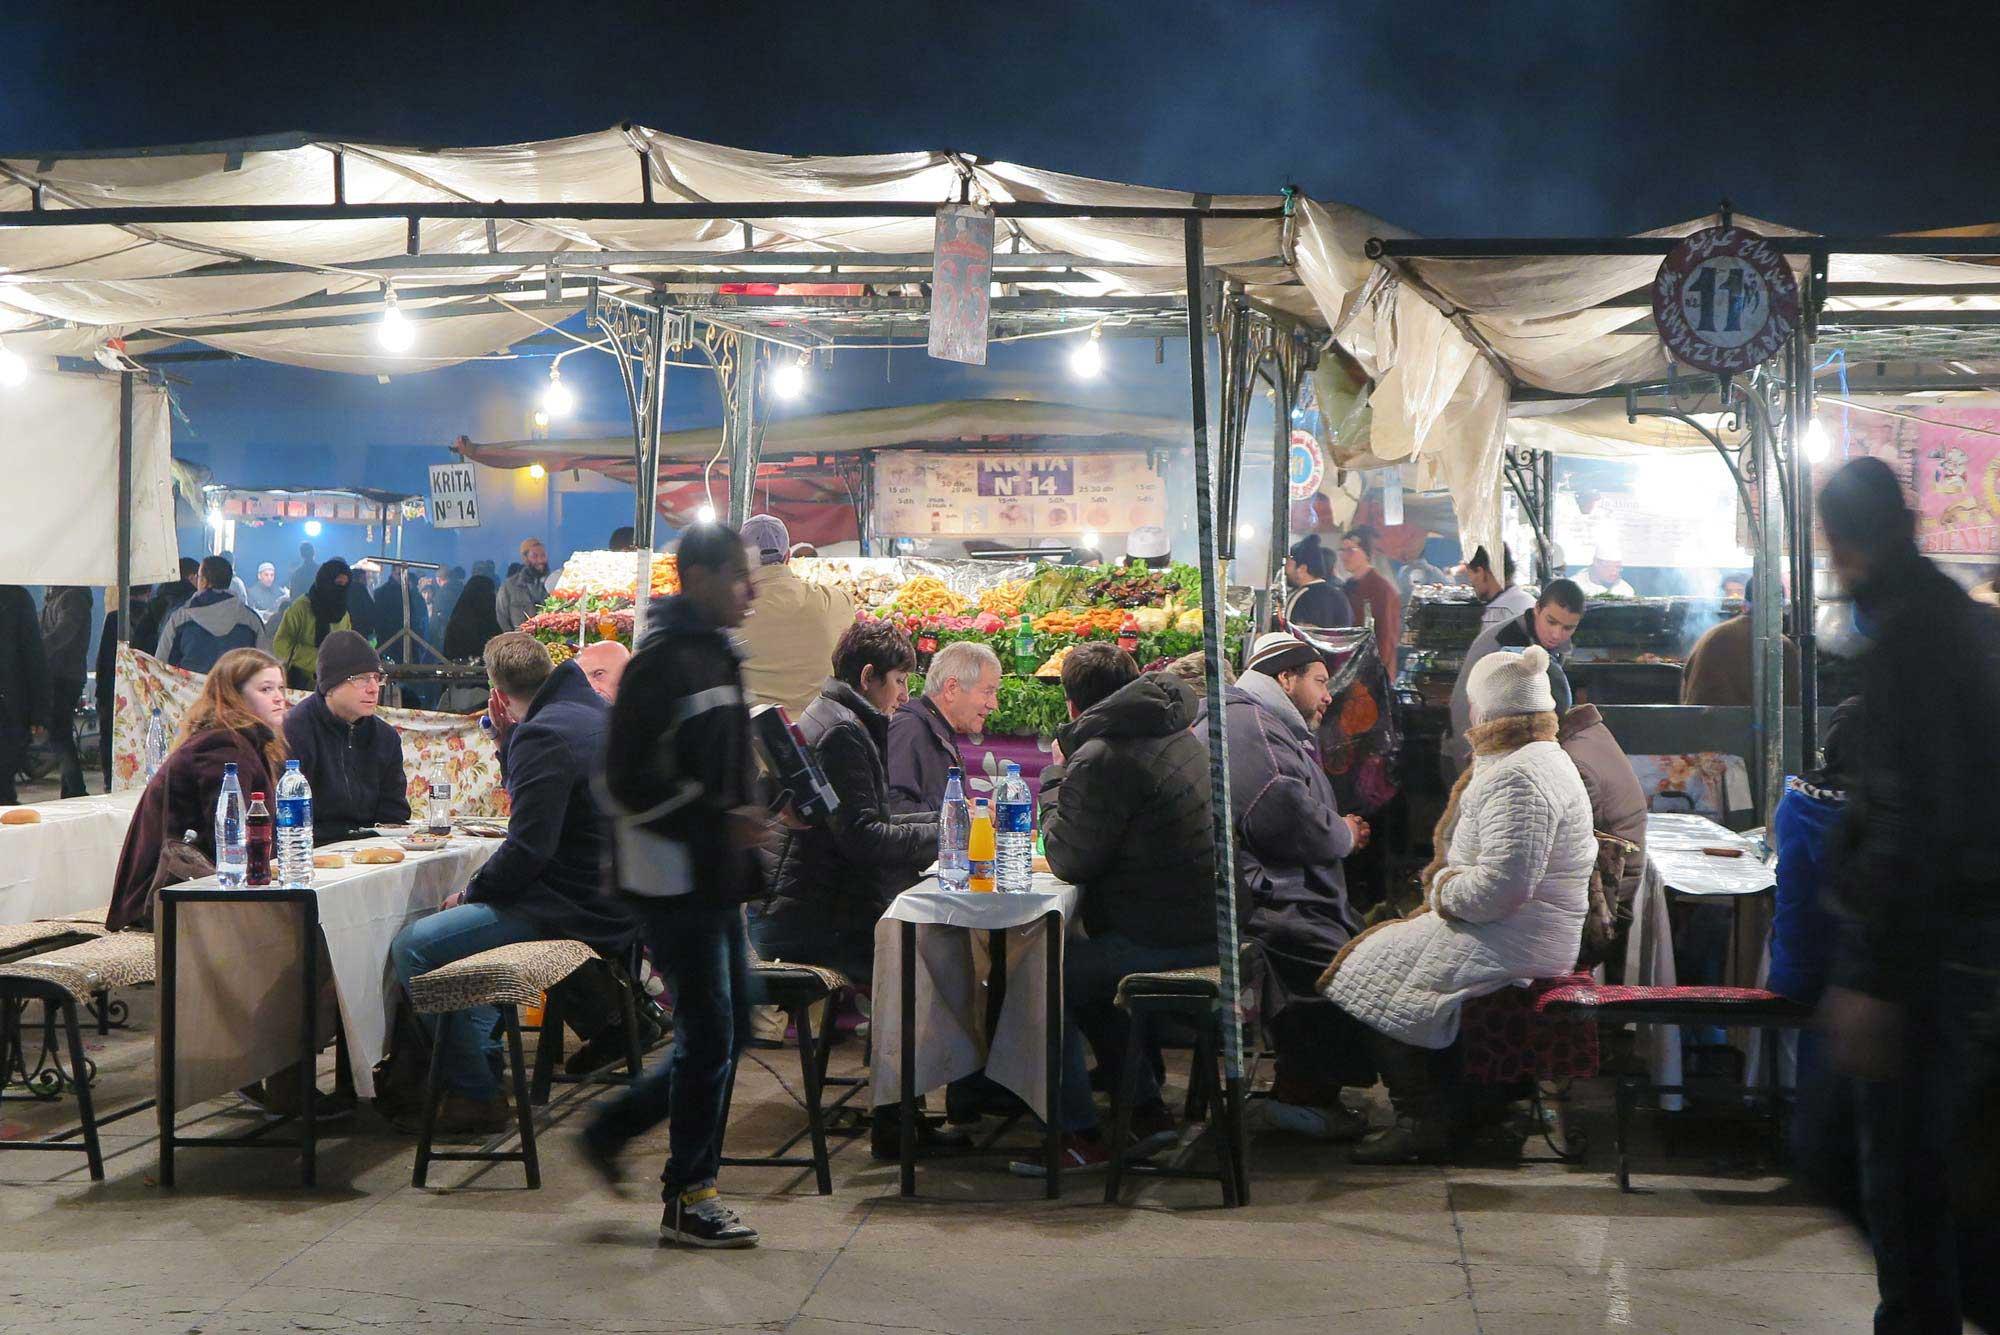 마라케시의 제마엘프나 광장 노천 음식점. 1000개 가까운 가게들이 저마다 불을 피우고 음식들을 즉석에서 조리한다. 시시각각 변하는 광장 모습 자체가 눈요깃거리.